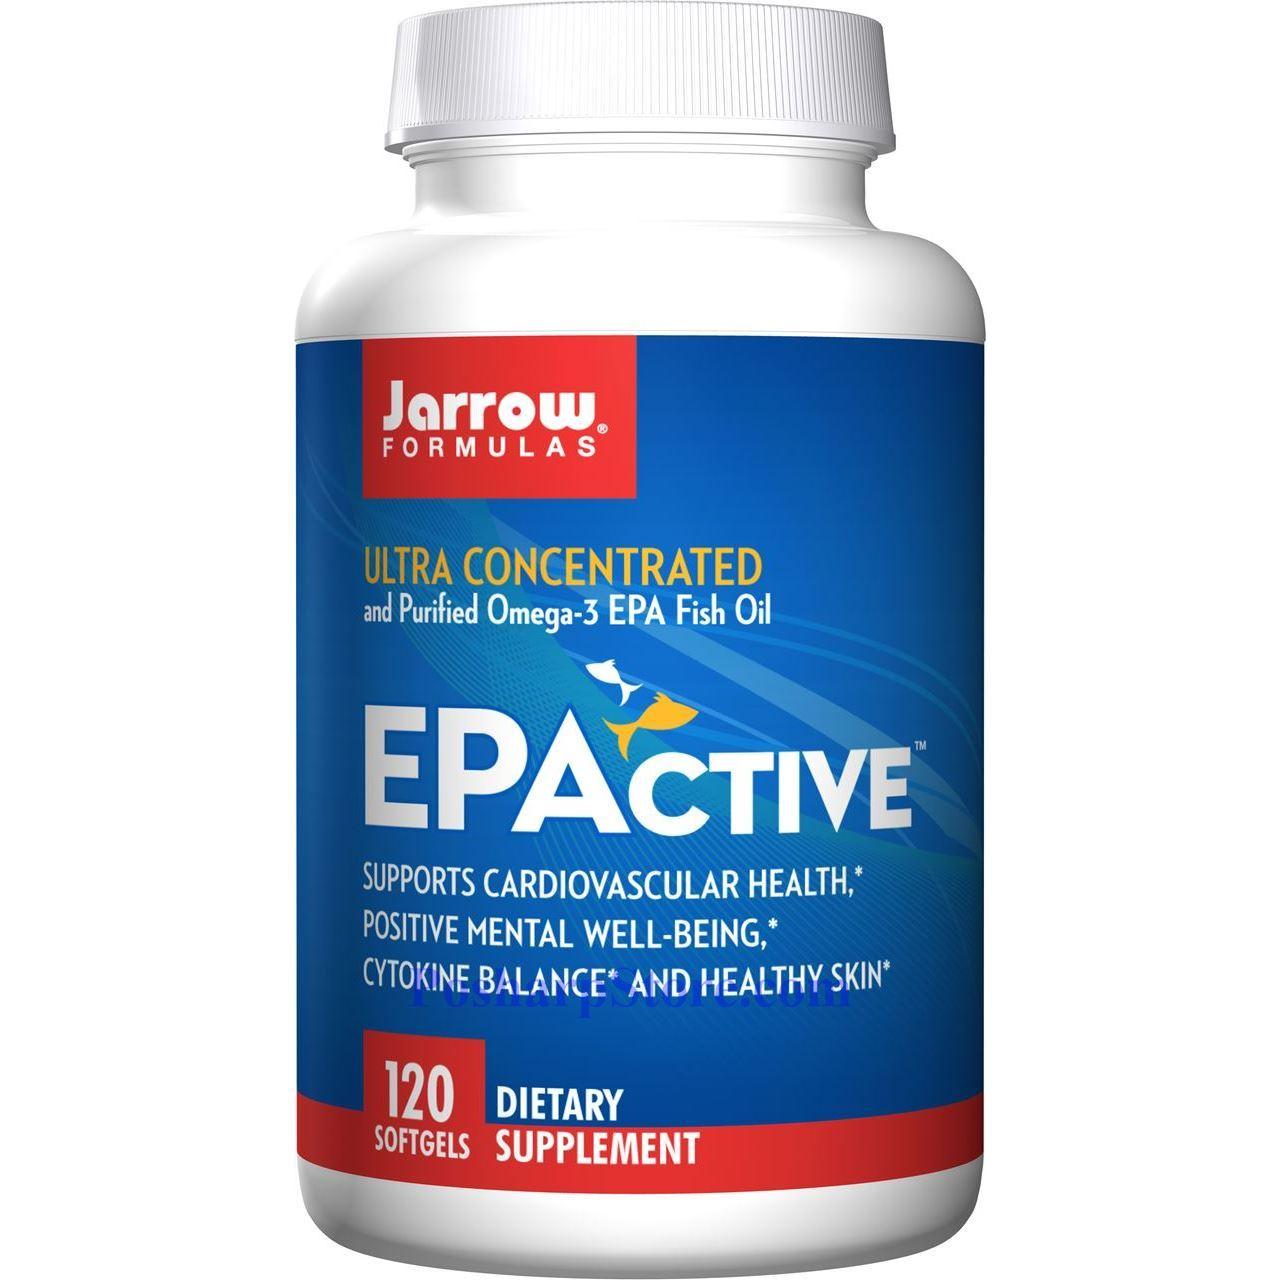 分类图片 Jarrow Formulas牌EPActive 高浓度高纯度Omega-3鱼油软胶囊 120粒